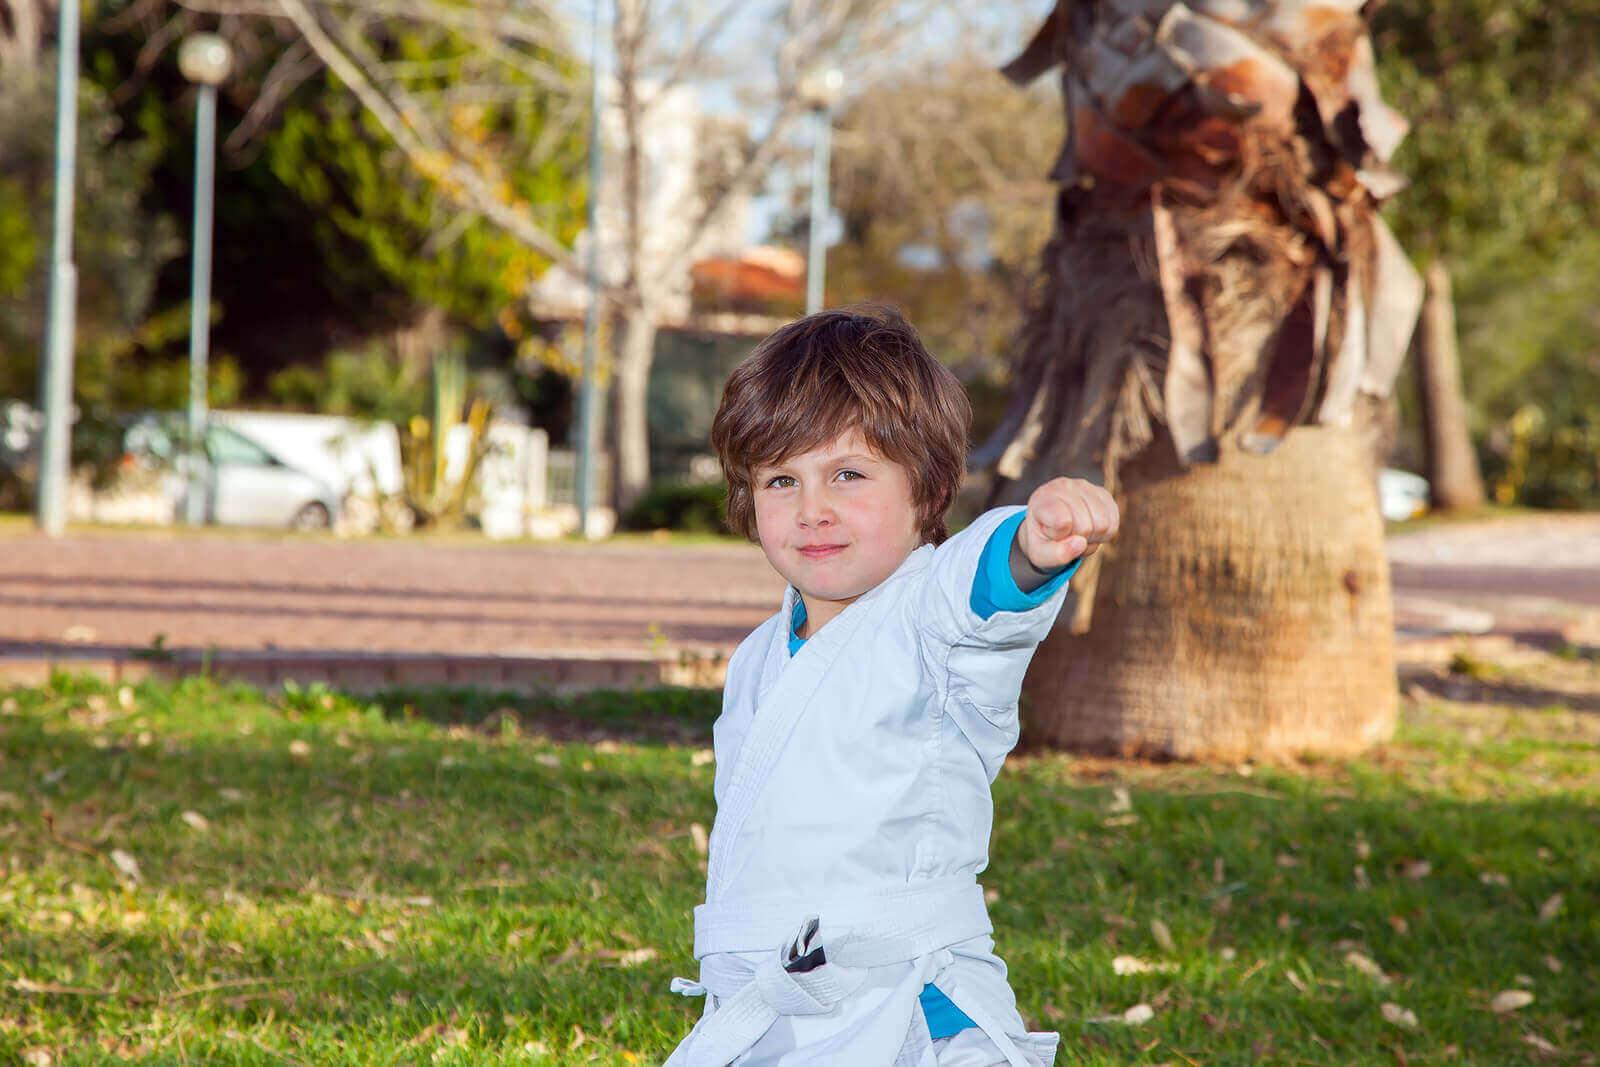 Urheilun harrastaminen tukee lapsen kehitystä monella osa-alueella